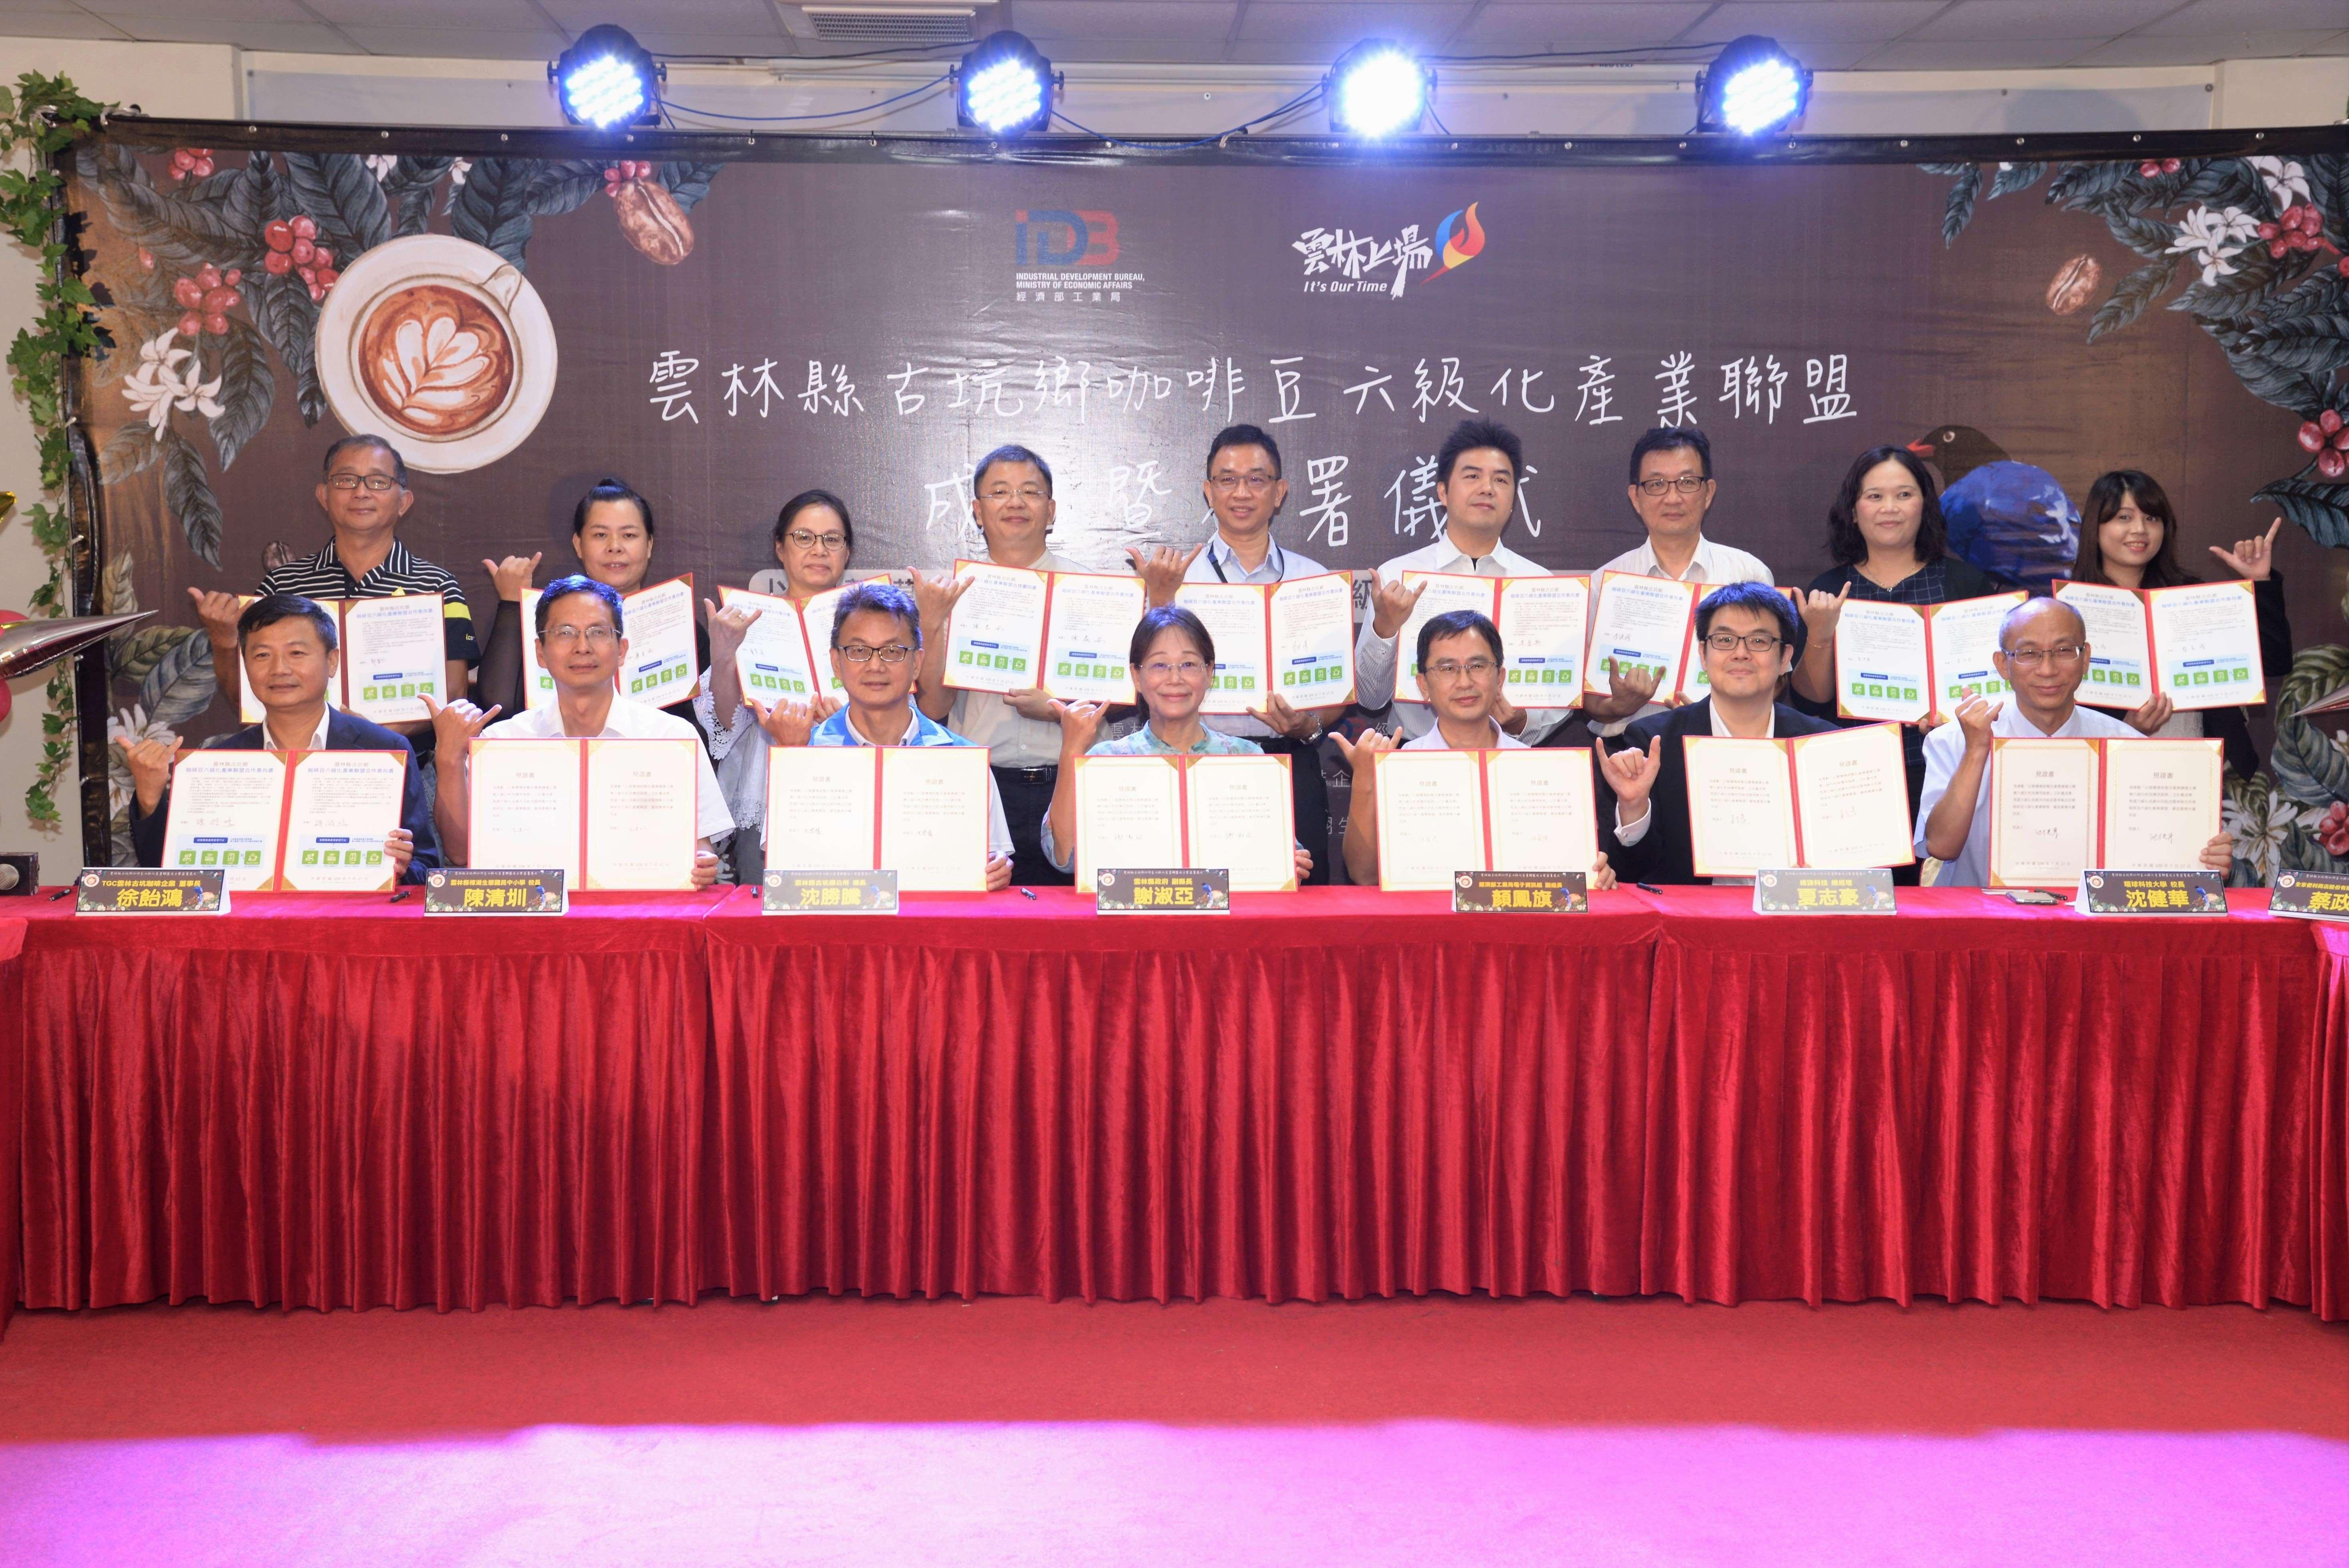 雲林縣古坑鄉咖啡豆六級化產業聯盟成立暨簽署儀式